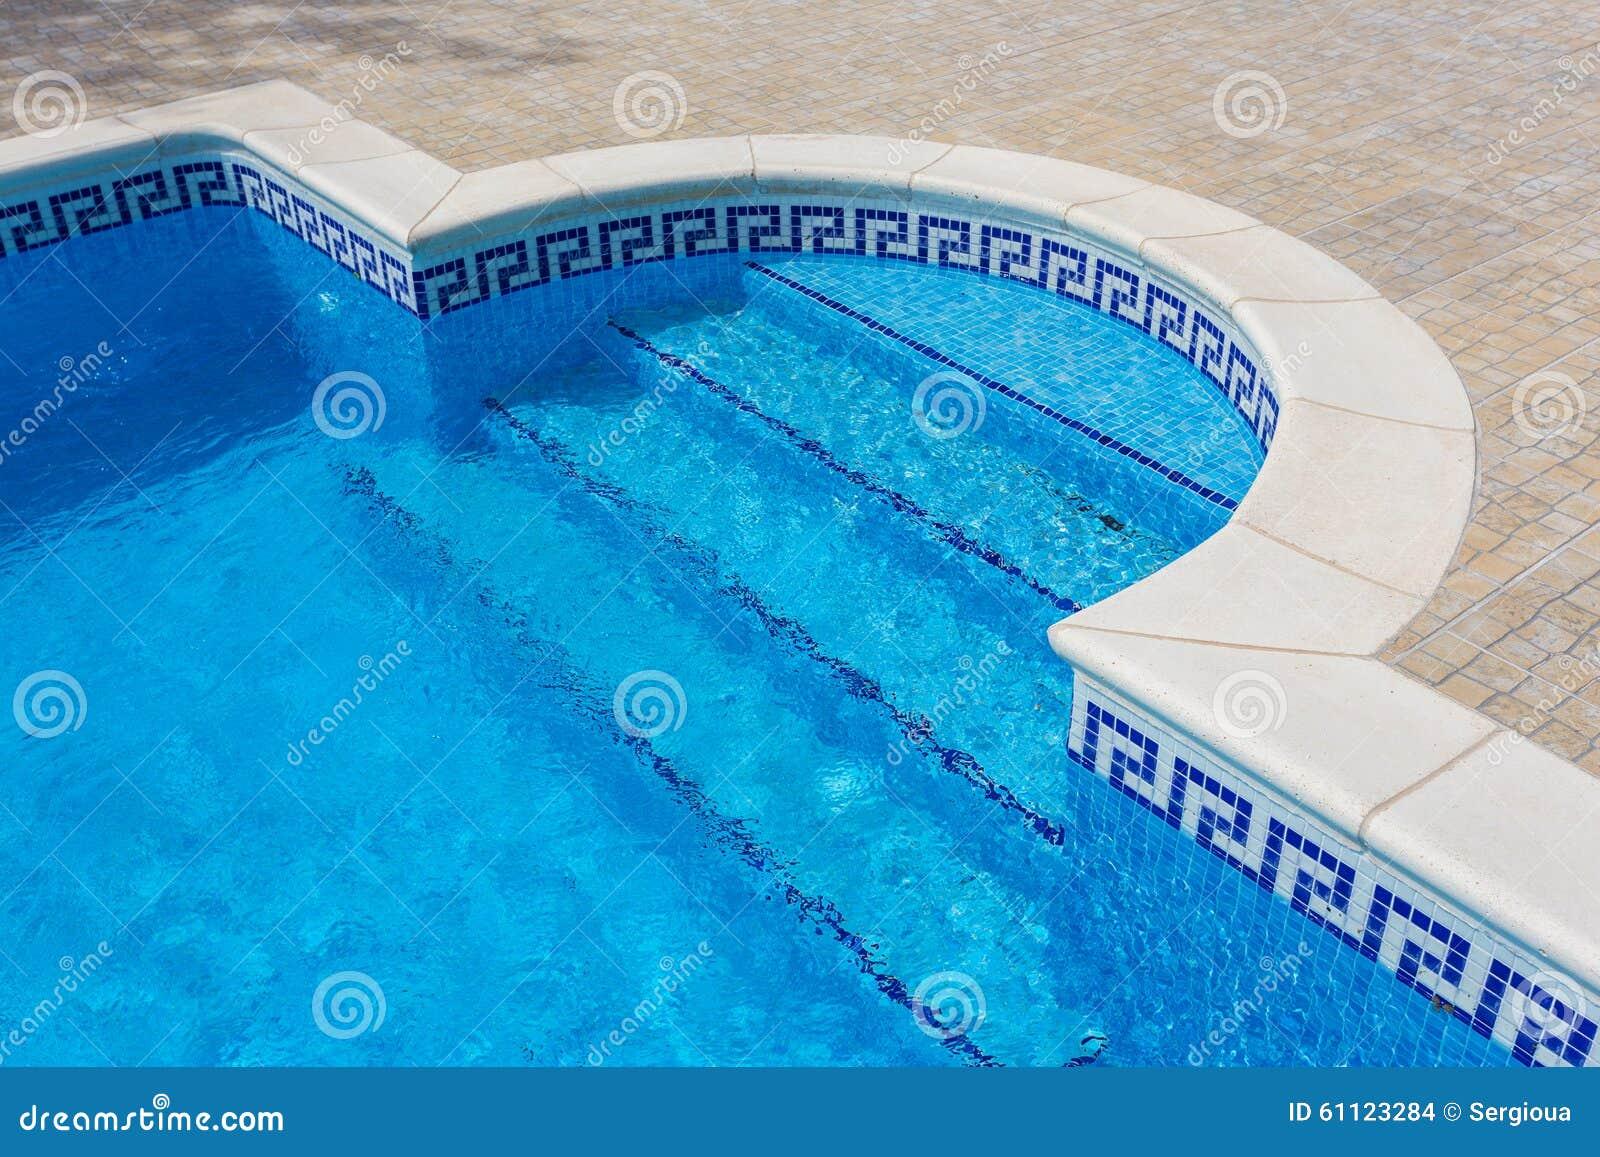 Entr e la piscine du marbre tuiles avec de l 39 eau clair for Piscine destock